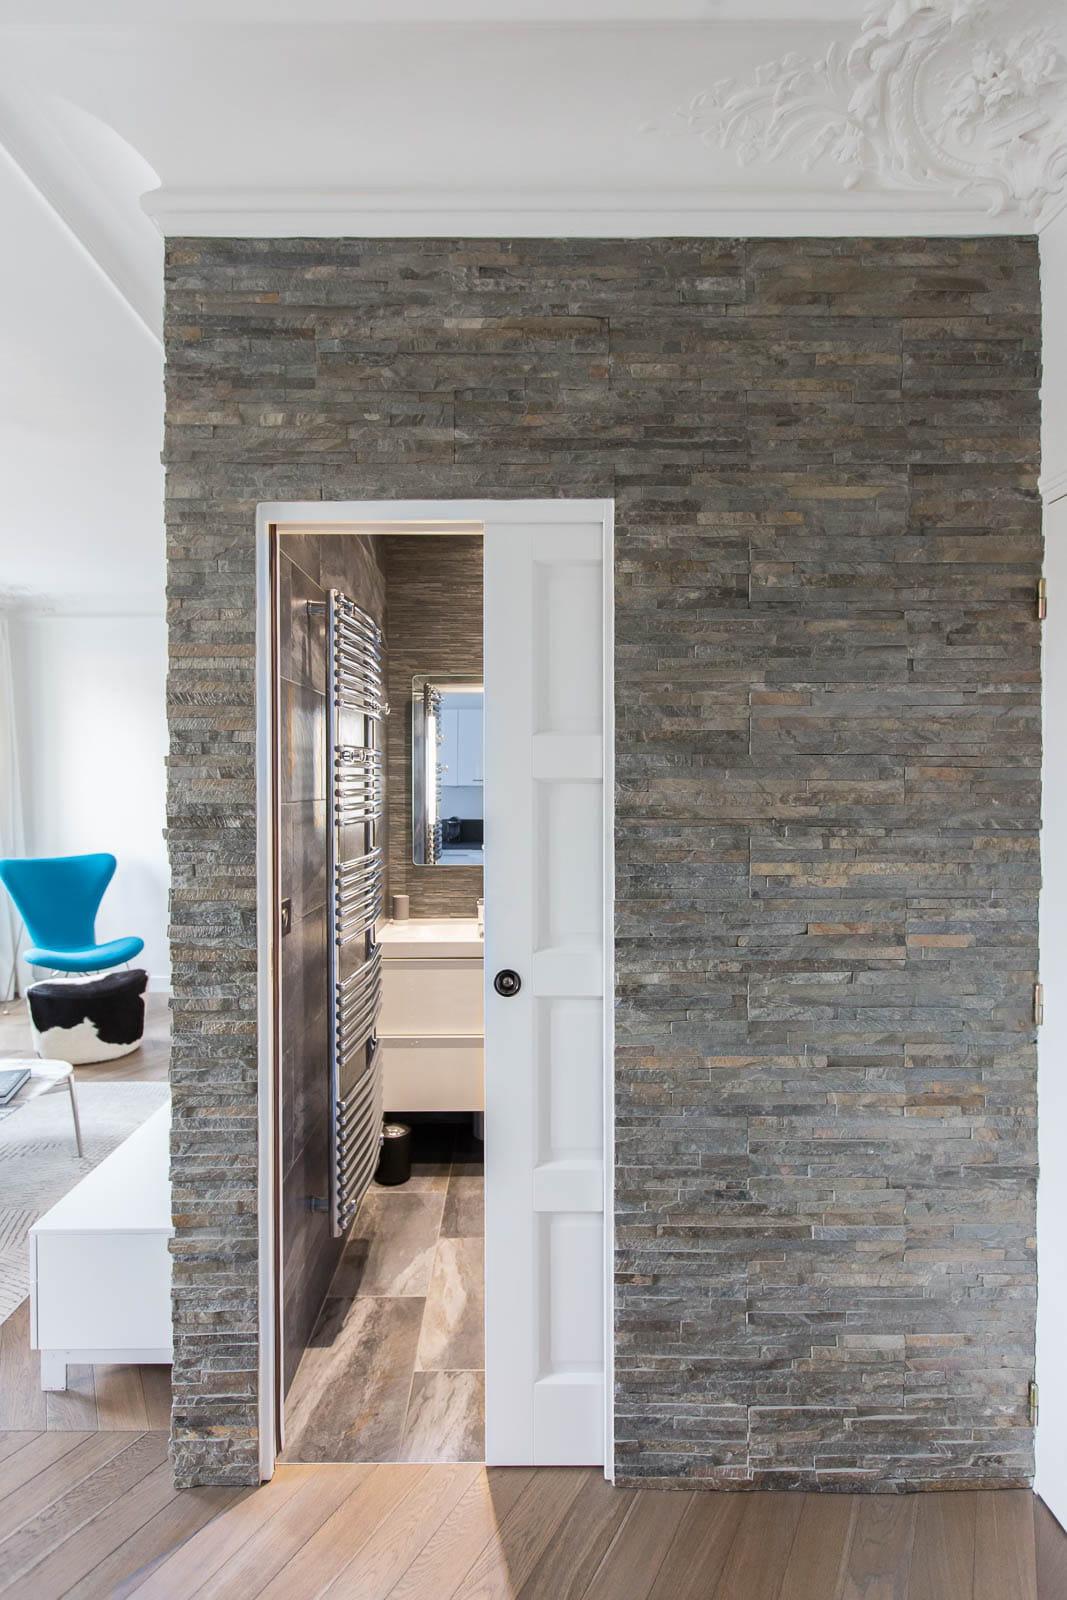 une salle d 39 eau comme une cabine. Black Bedroom Furniture Sets. Home Design Ideas